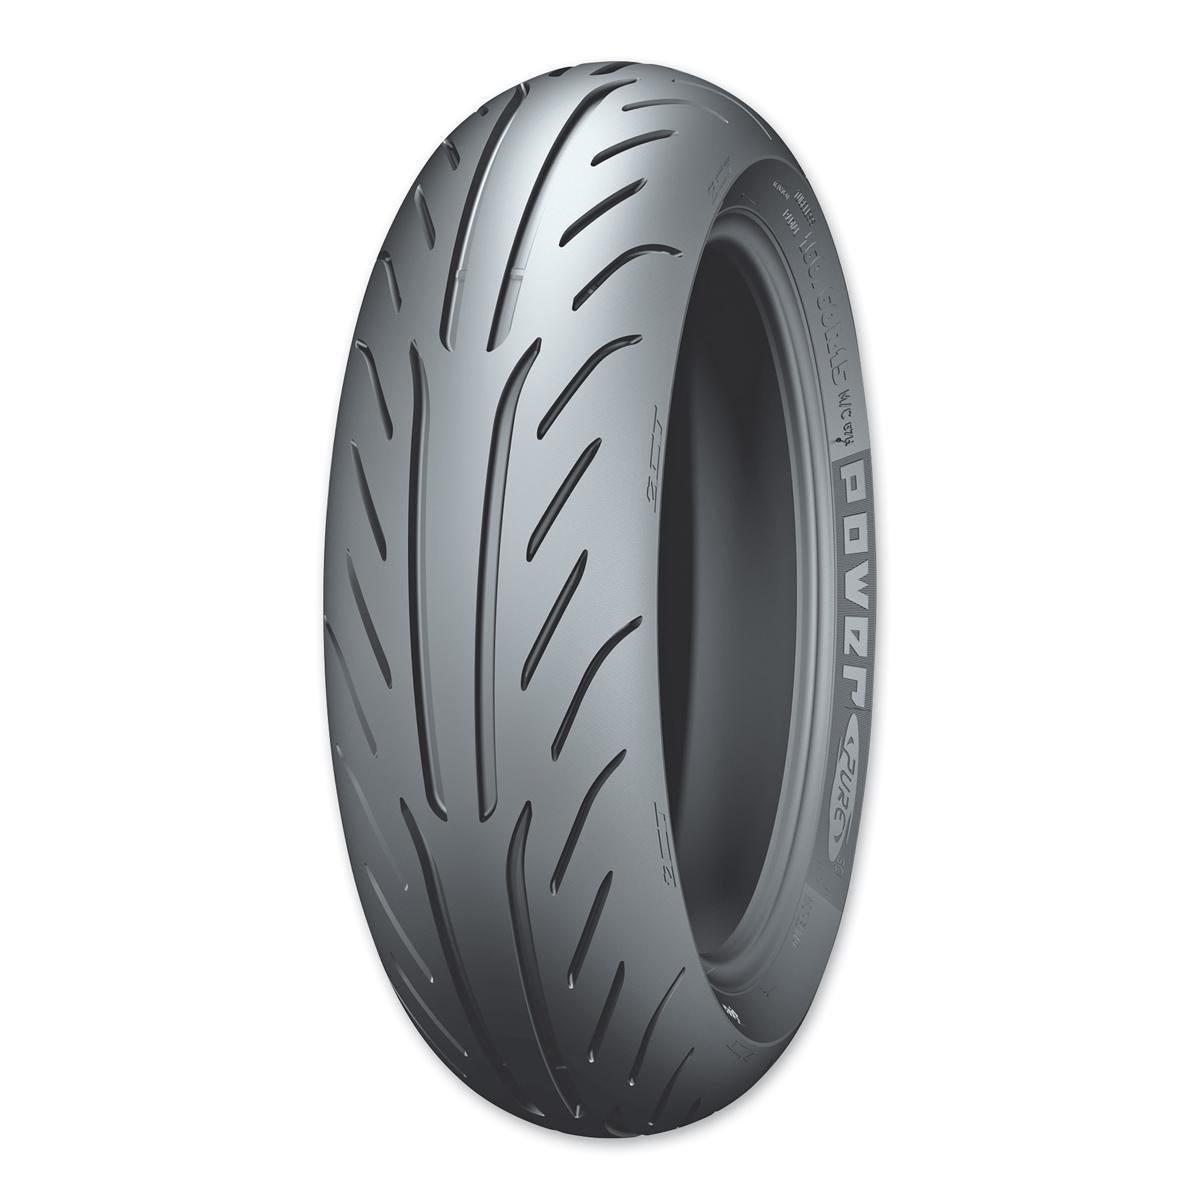 Michelin Power Pure SC 150/70-13 Rear Tire